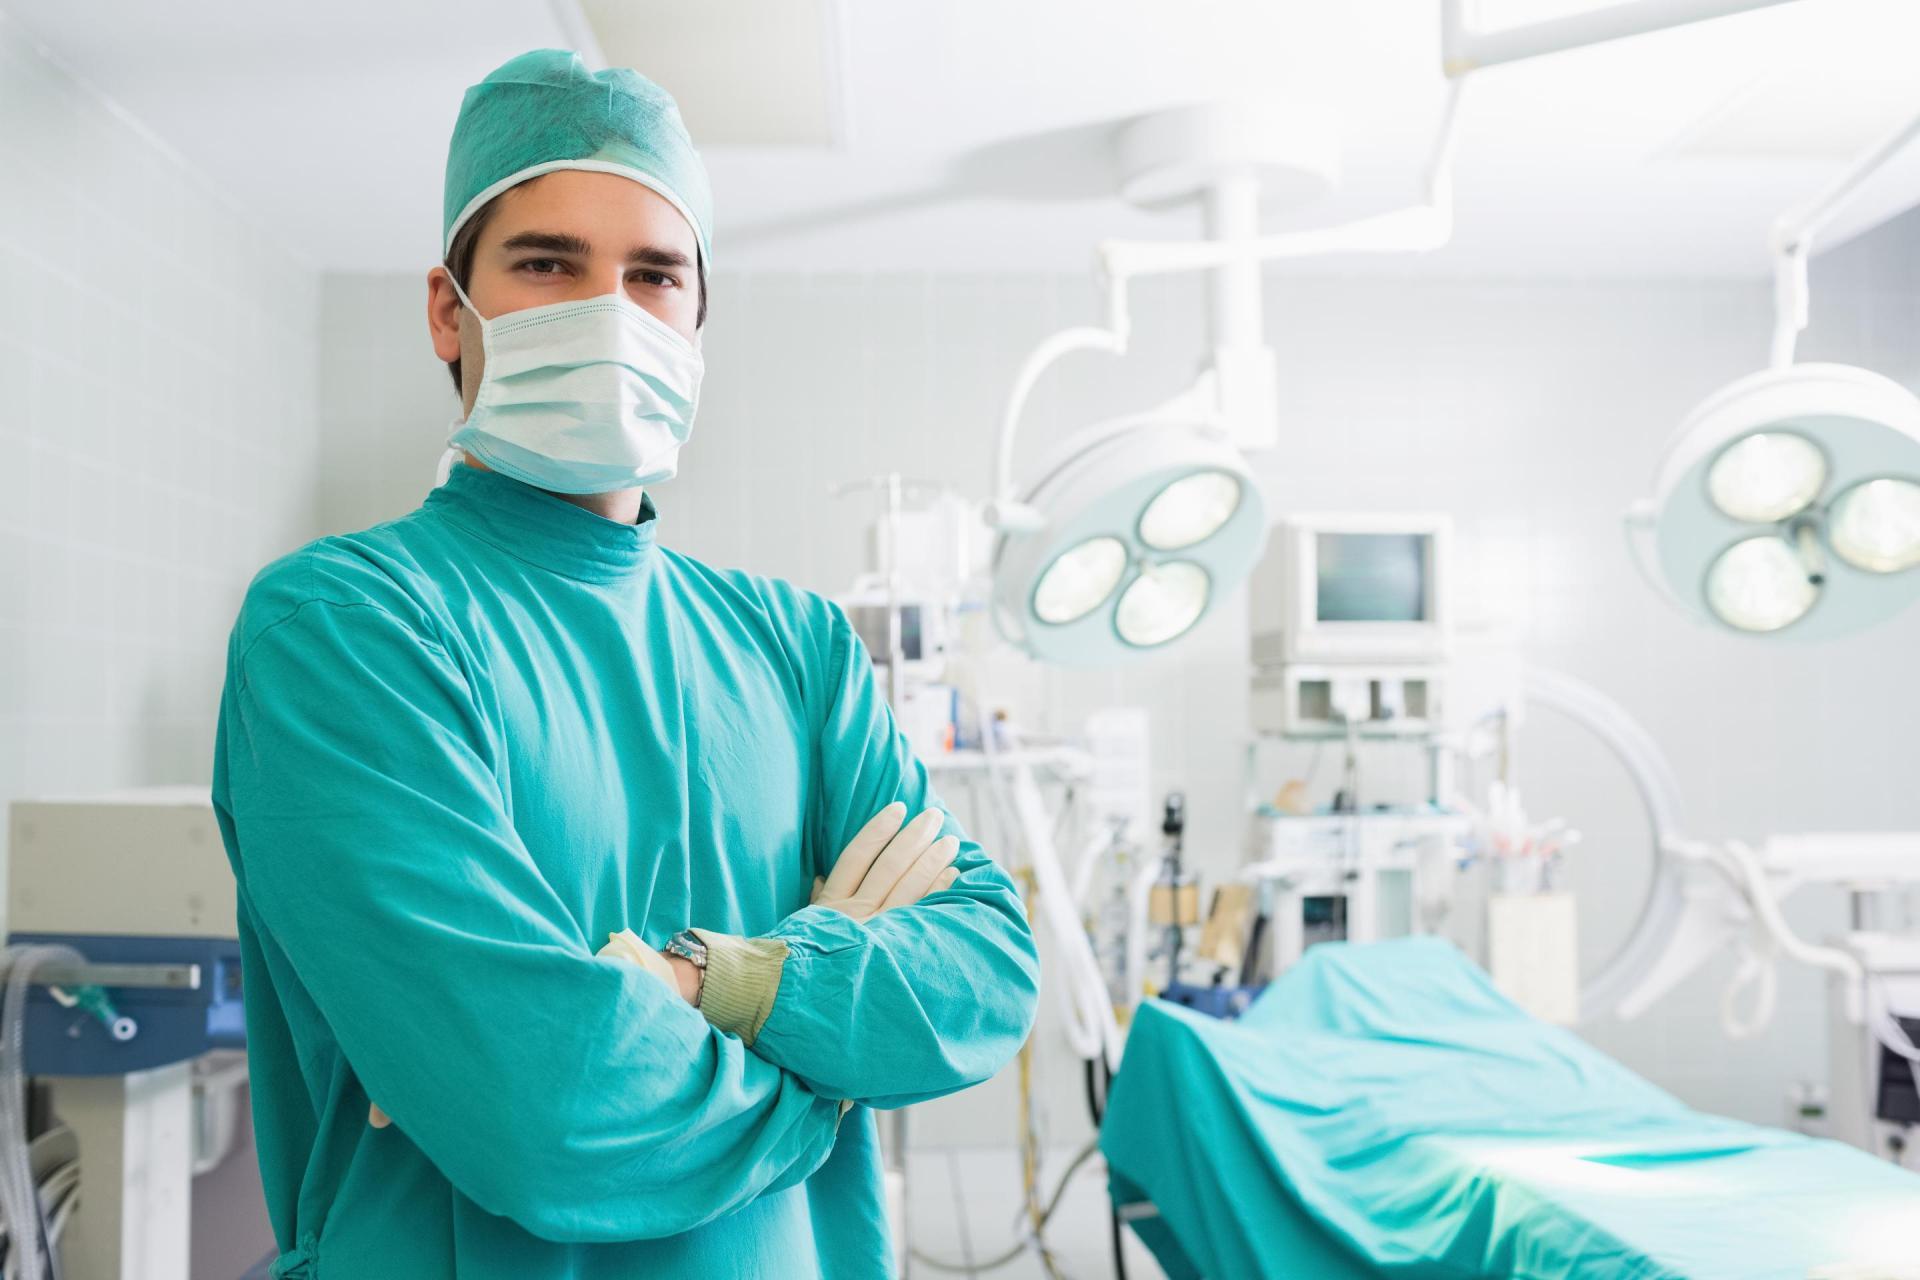 پشتیبانی و راهنمایی بیمار بعد از عمل توسط جراح